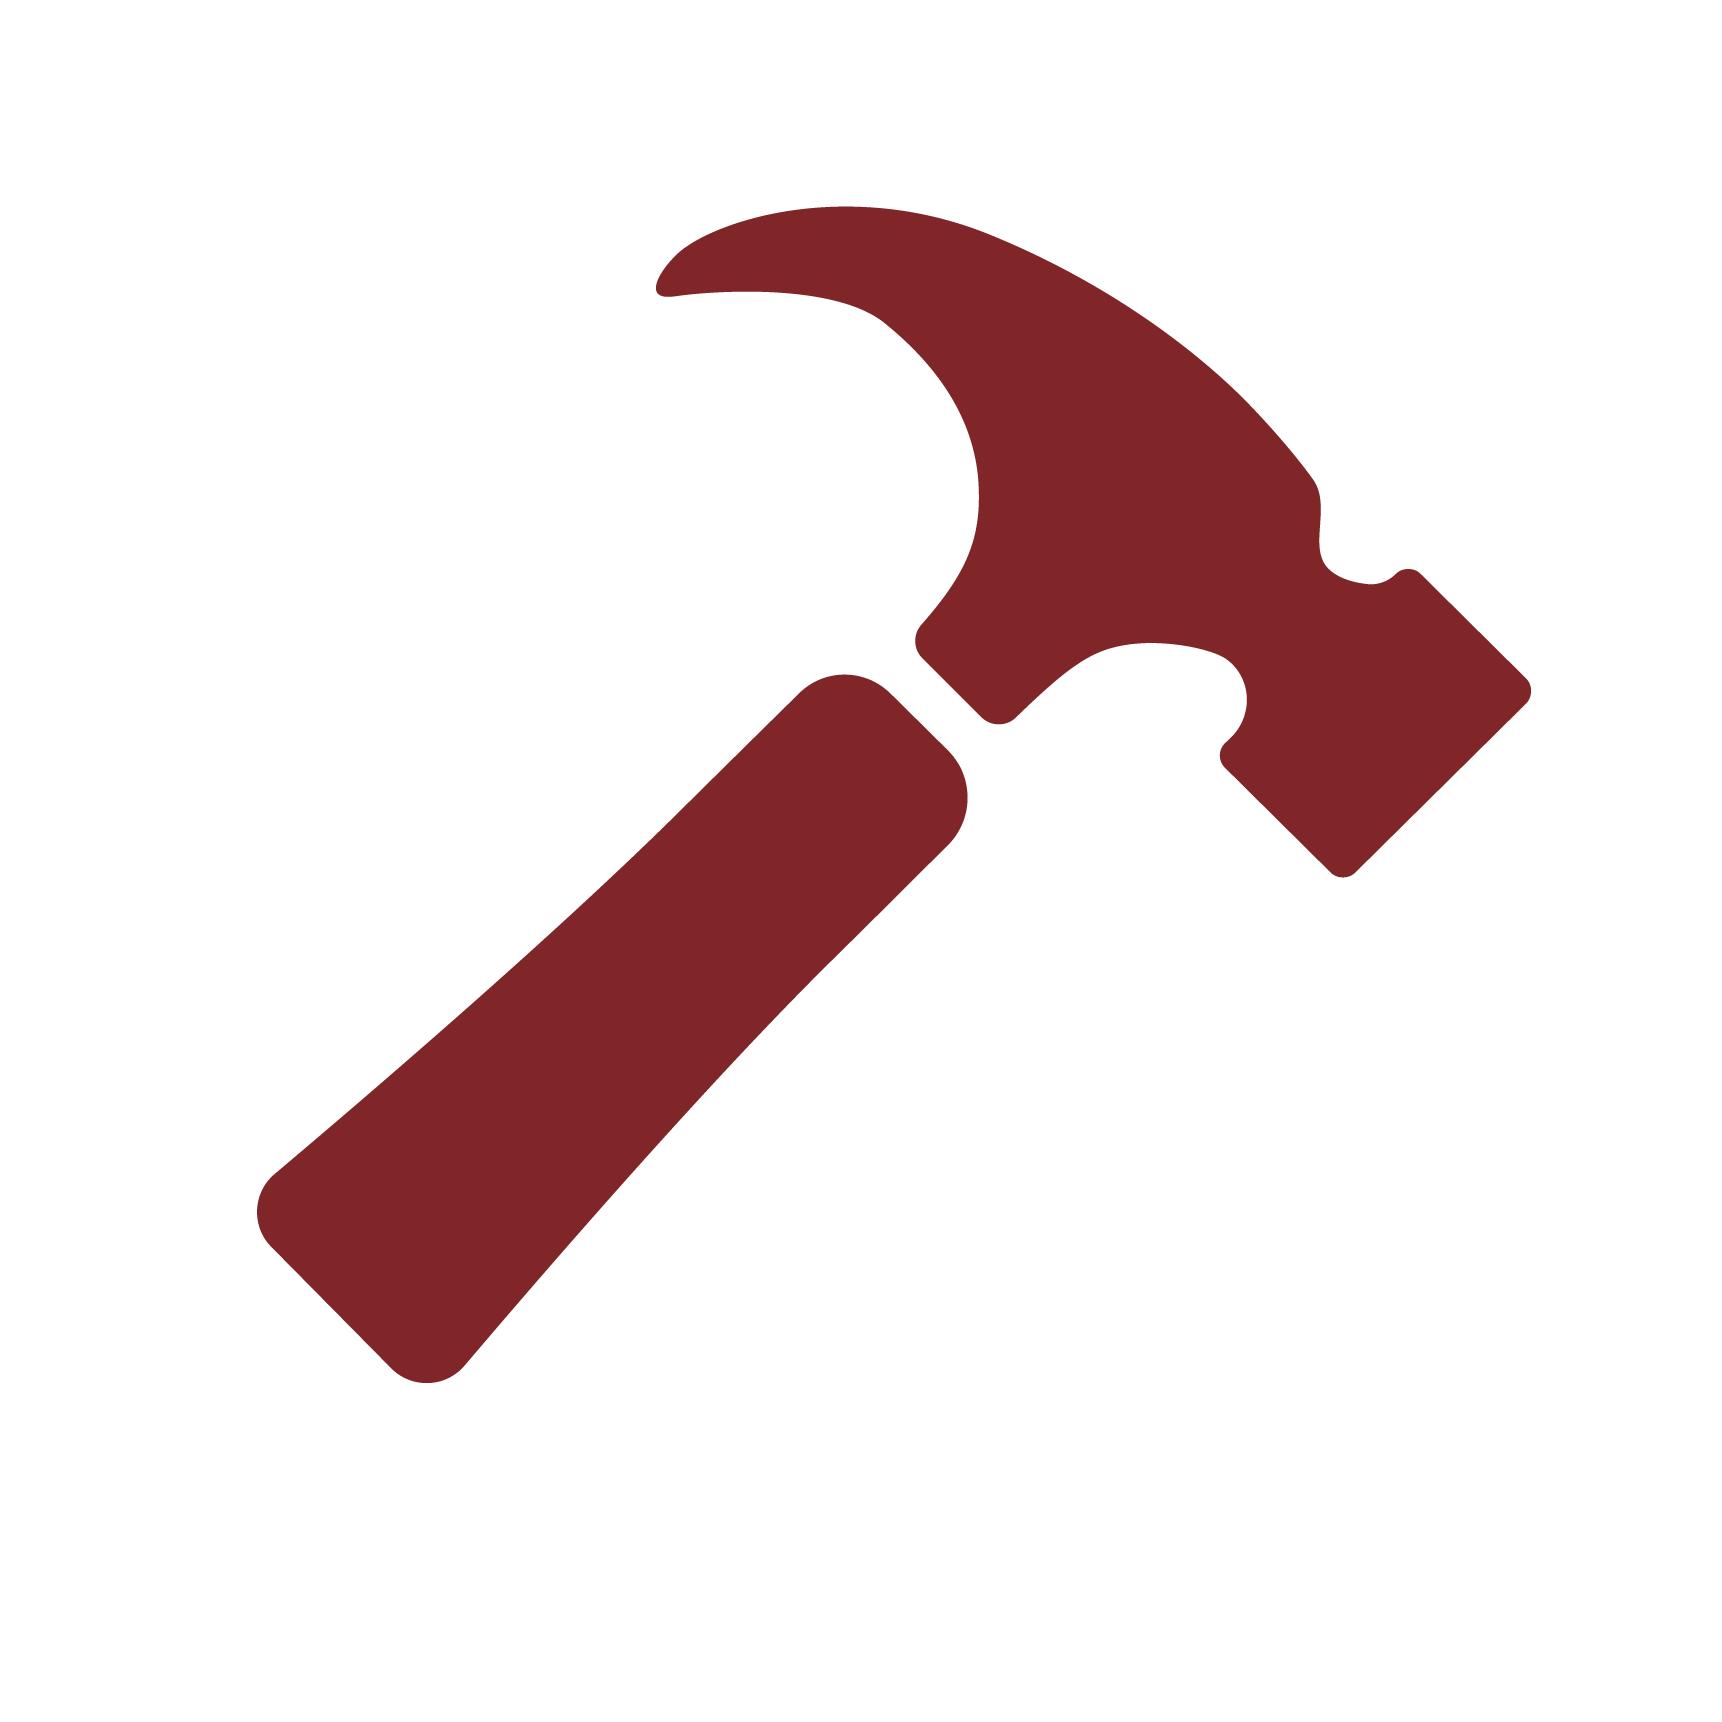 White Hammer